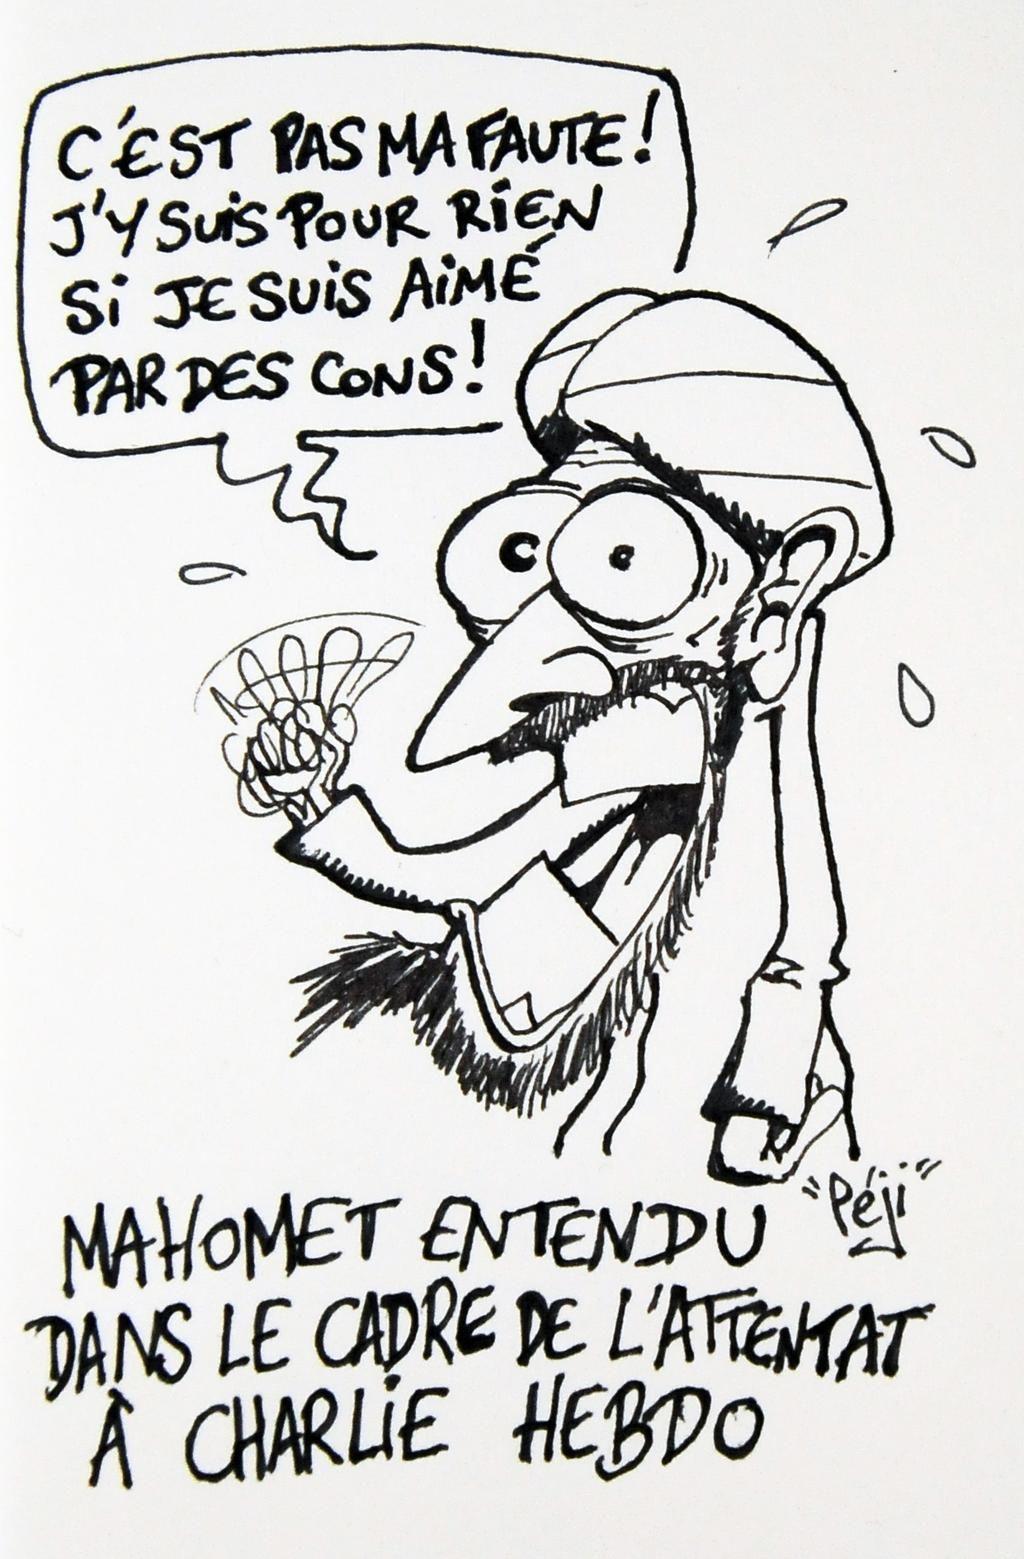 Peji On Twitter Charlie Hebdo Je Suis Charlie Charlie